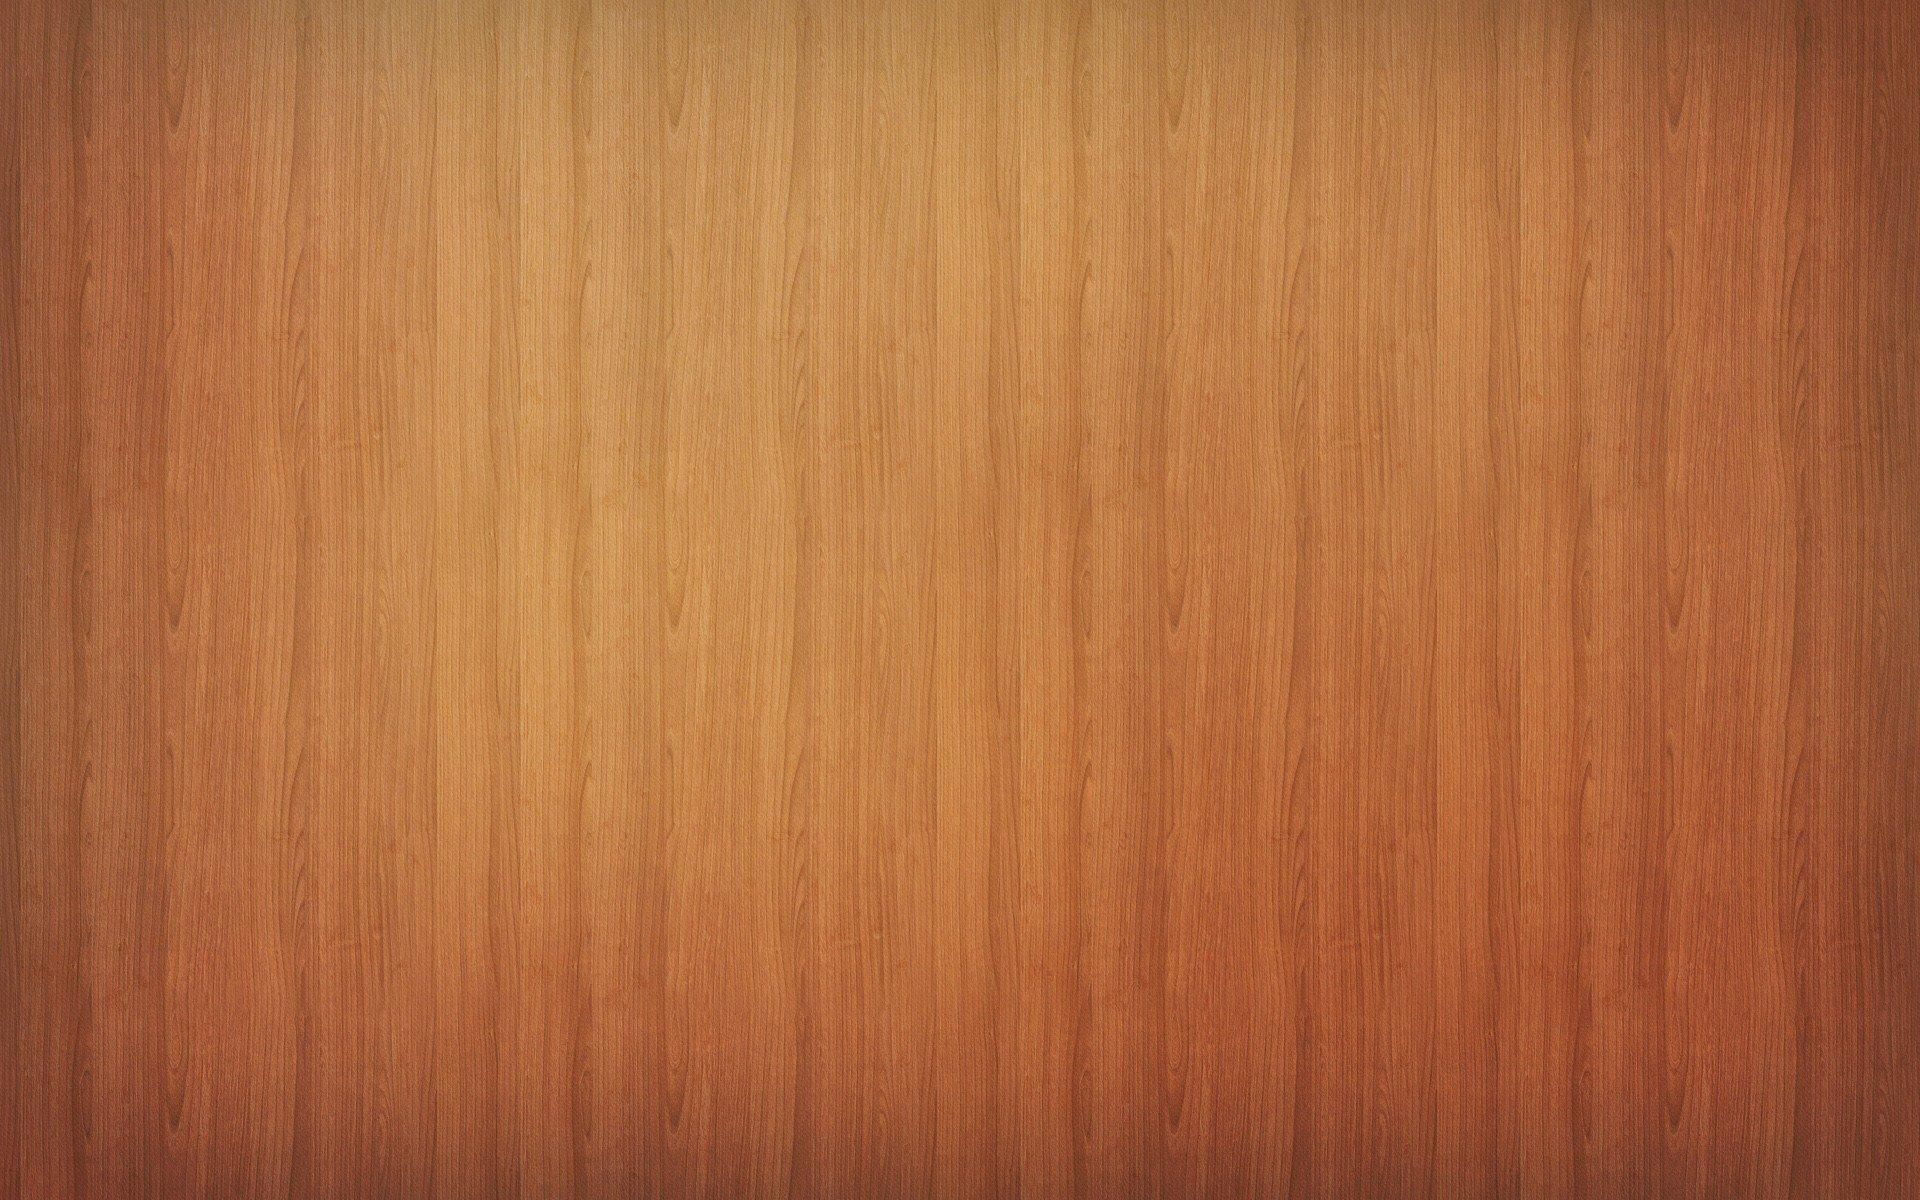 Wallpaper Textura de madera